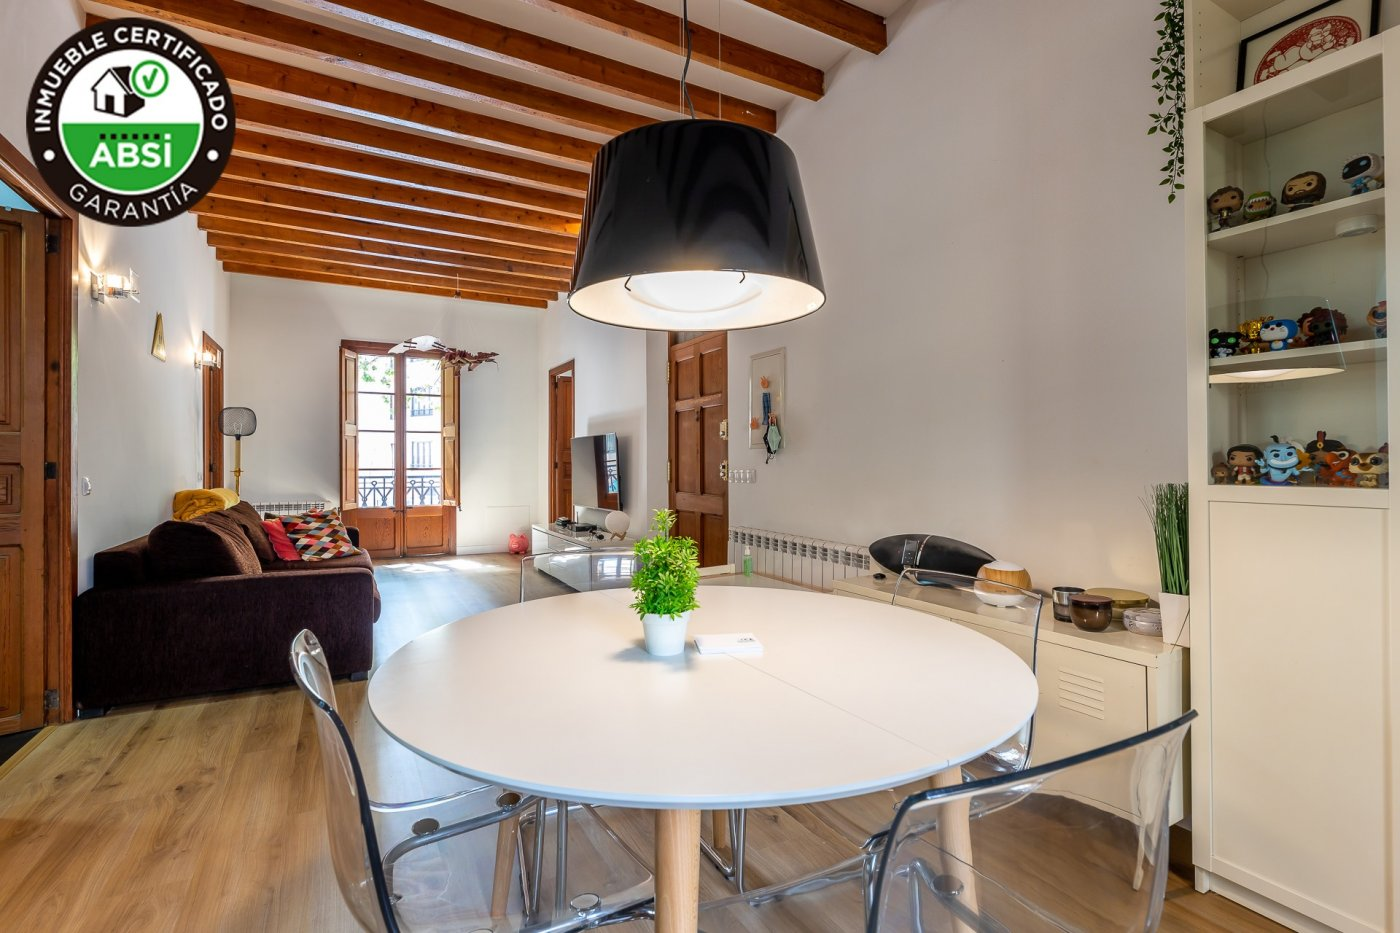 Bonito piso en centro de palma - imagenInmueble0